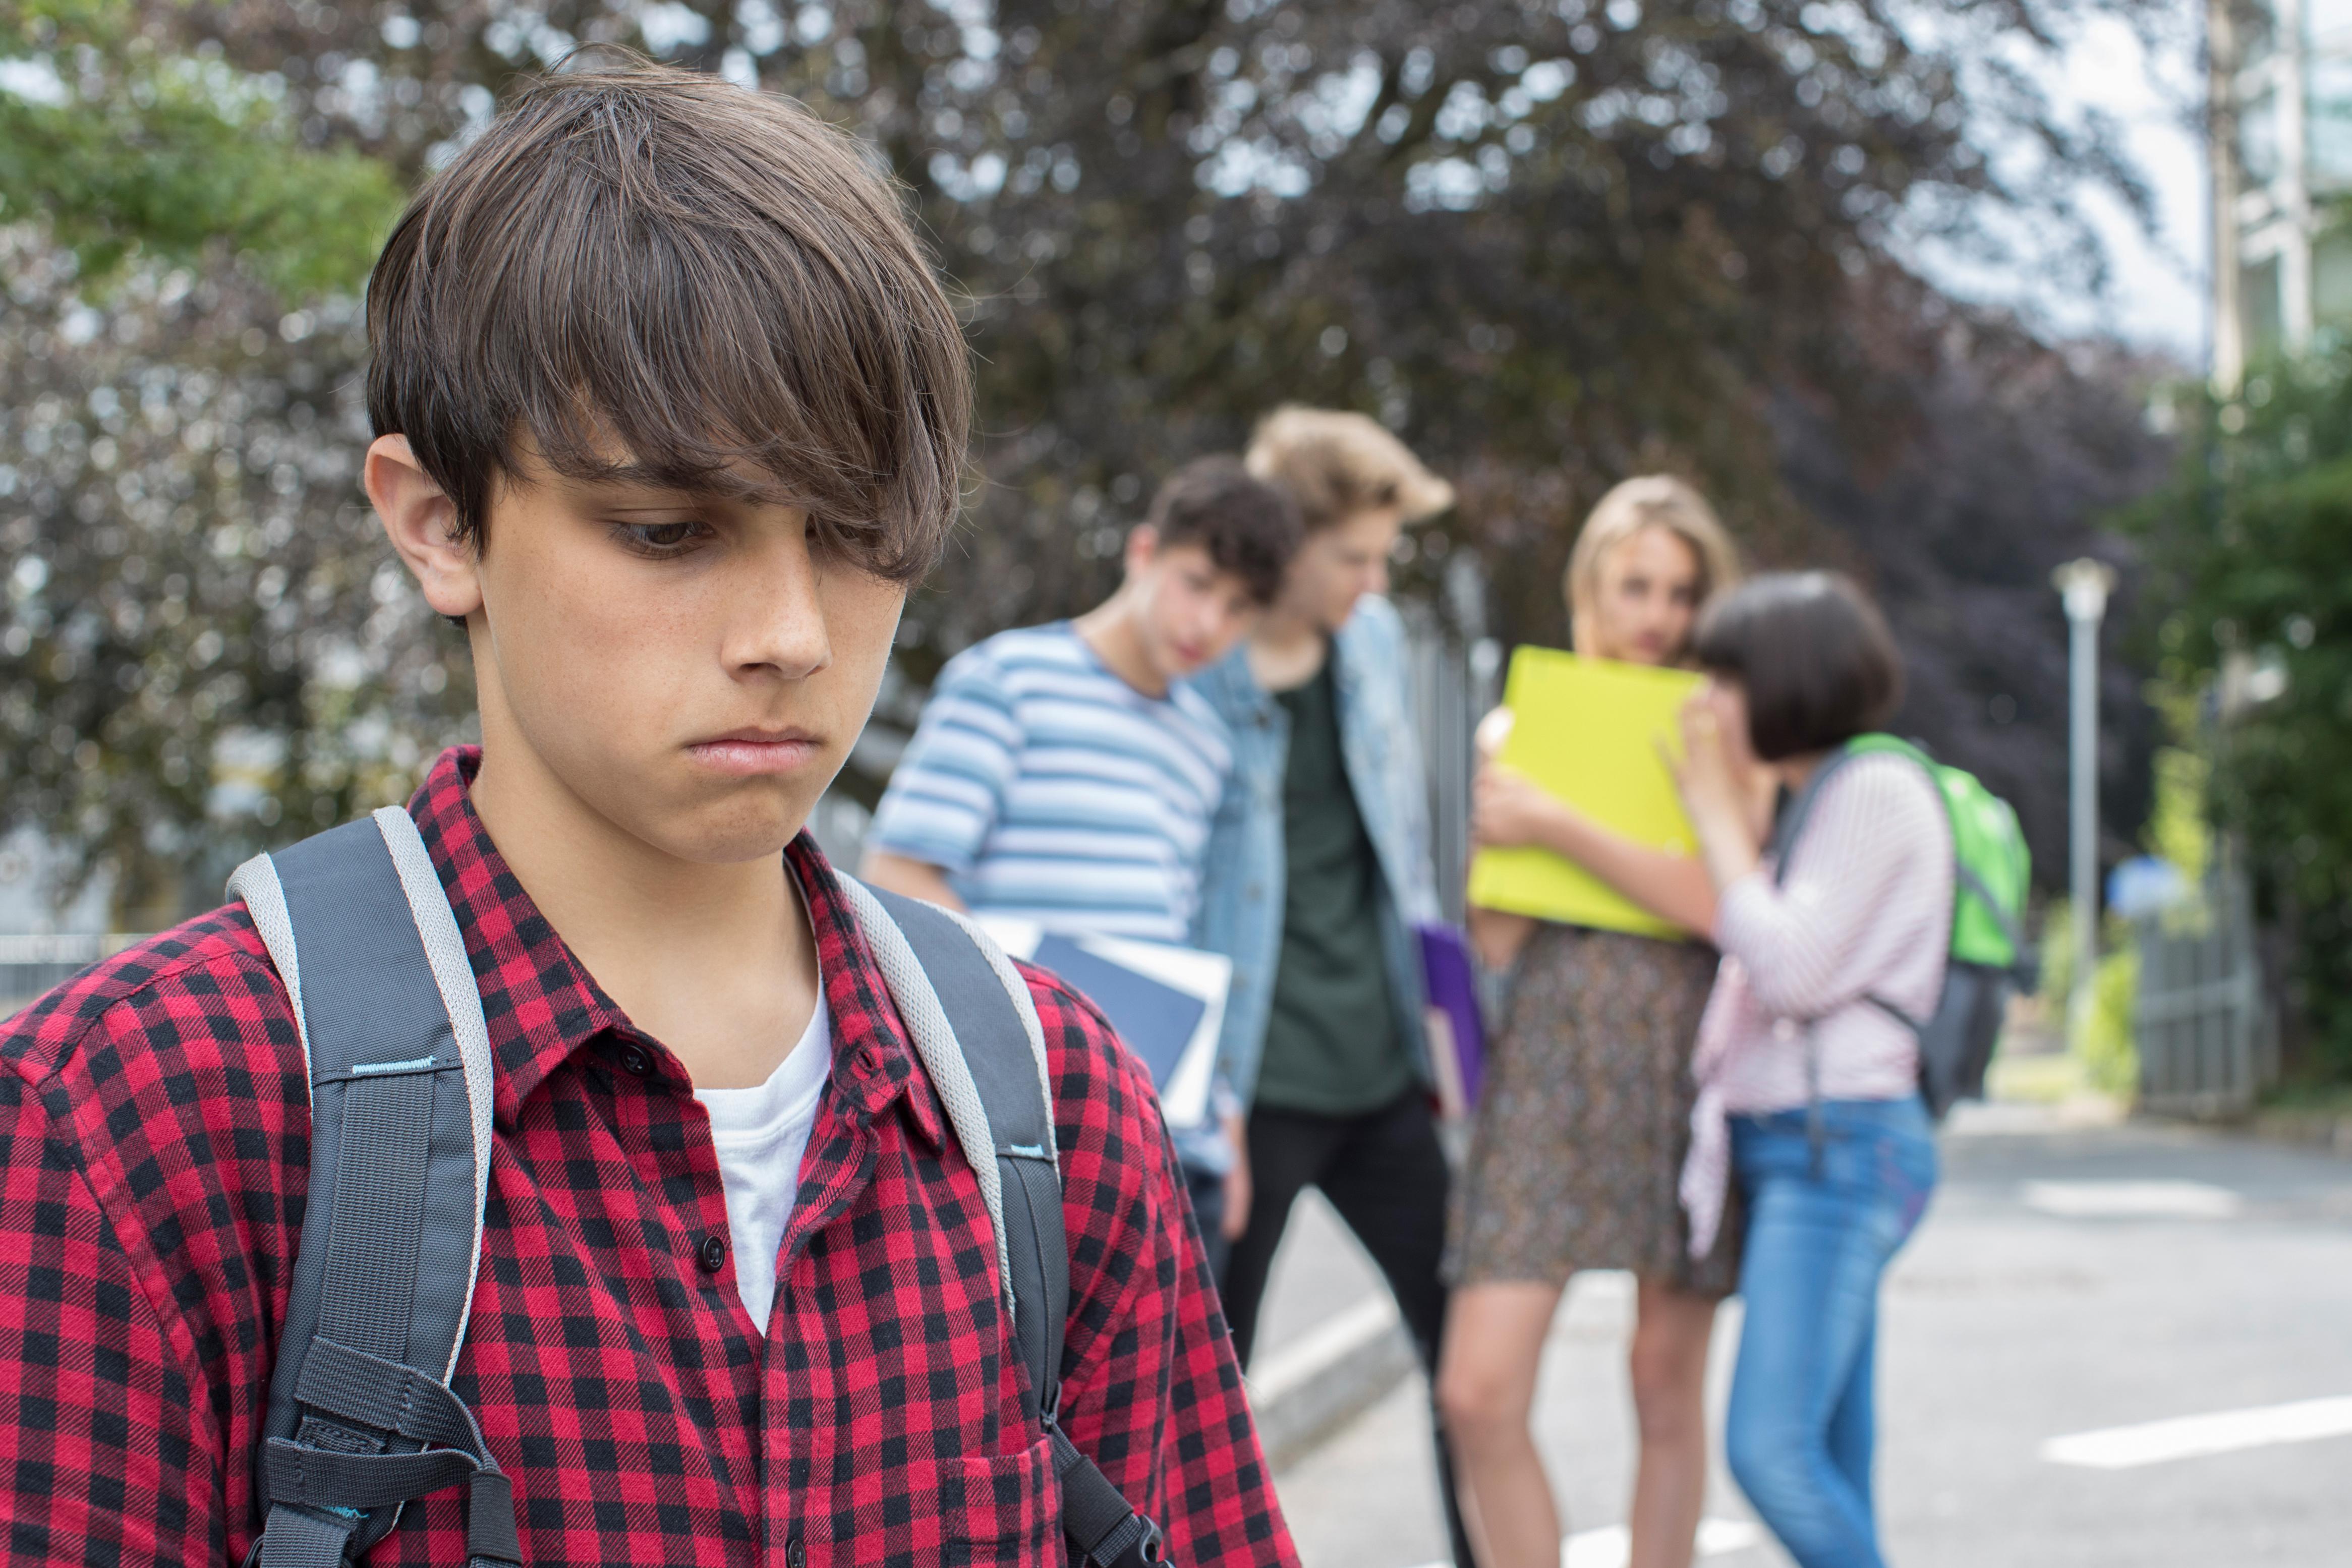 Σχολικός εκφοβισμός: Βασικές συμβουλές για γονείς